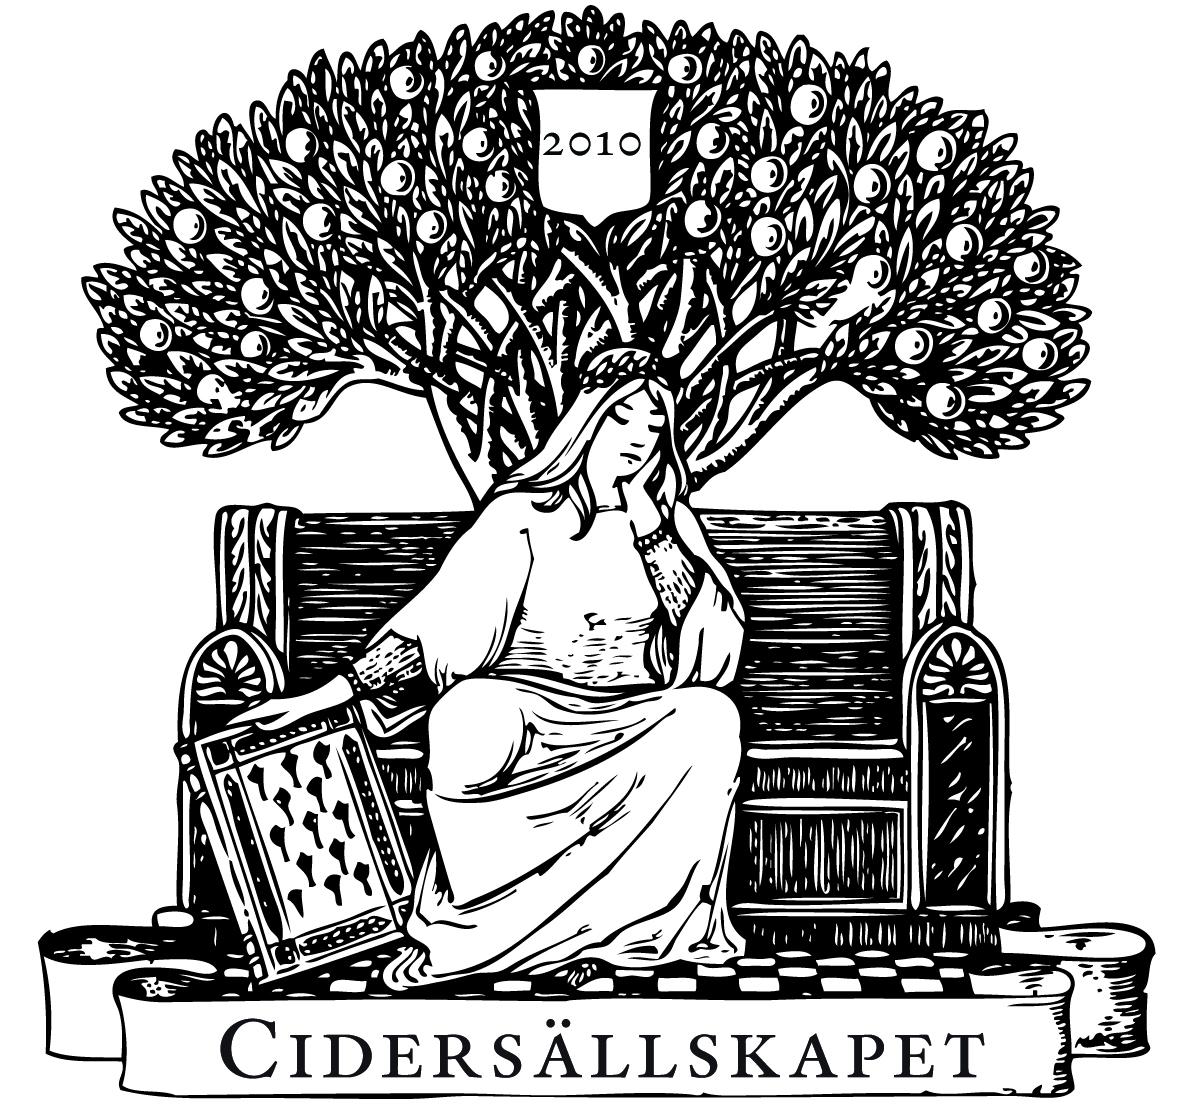 Cidersällskapet